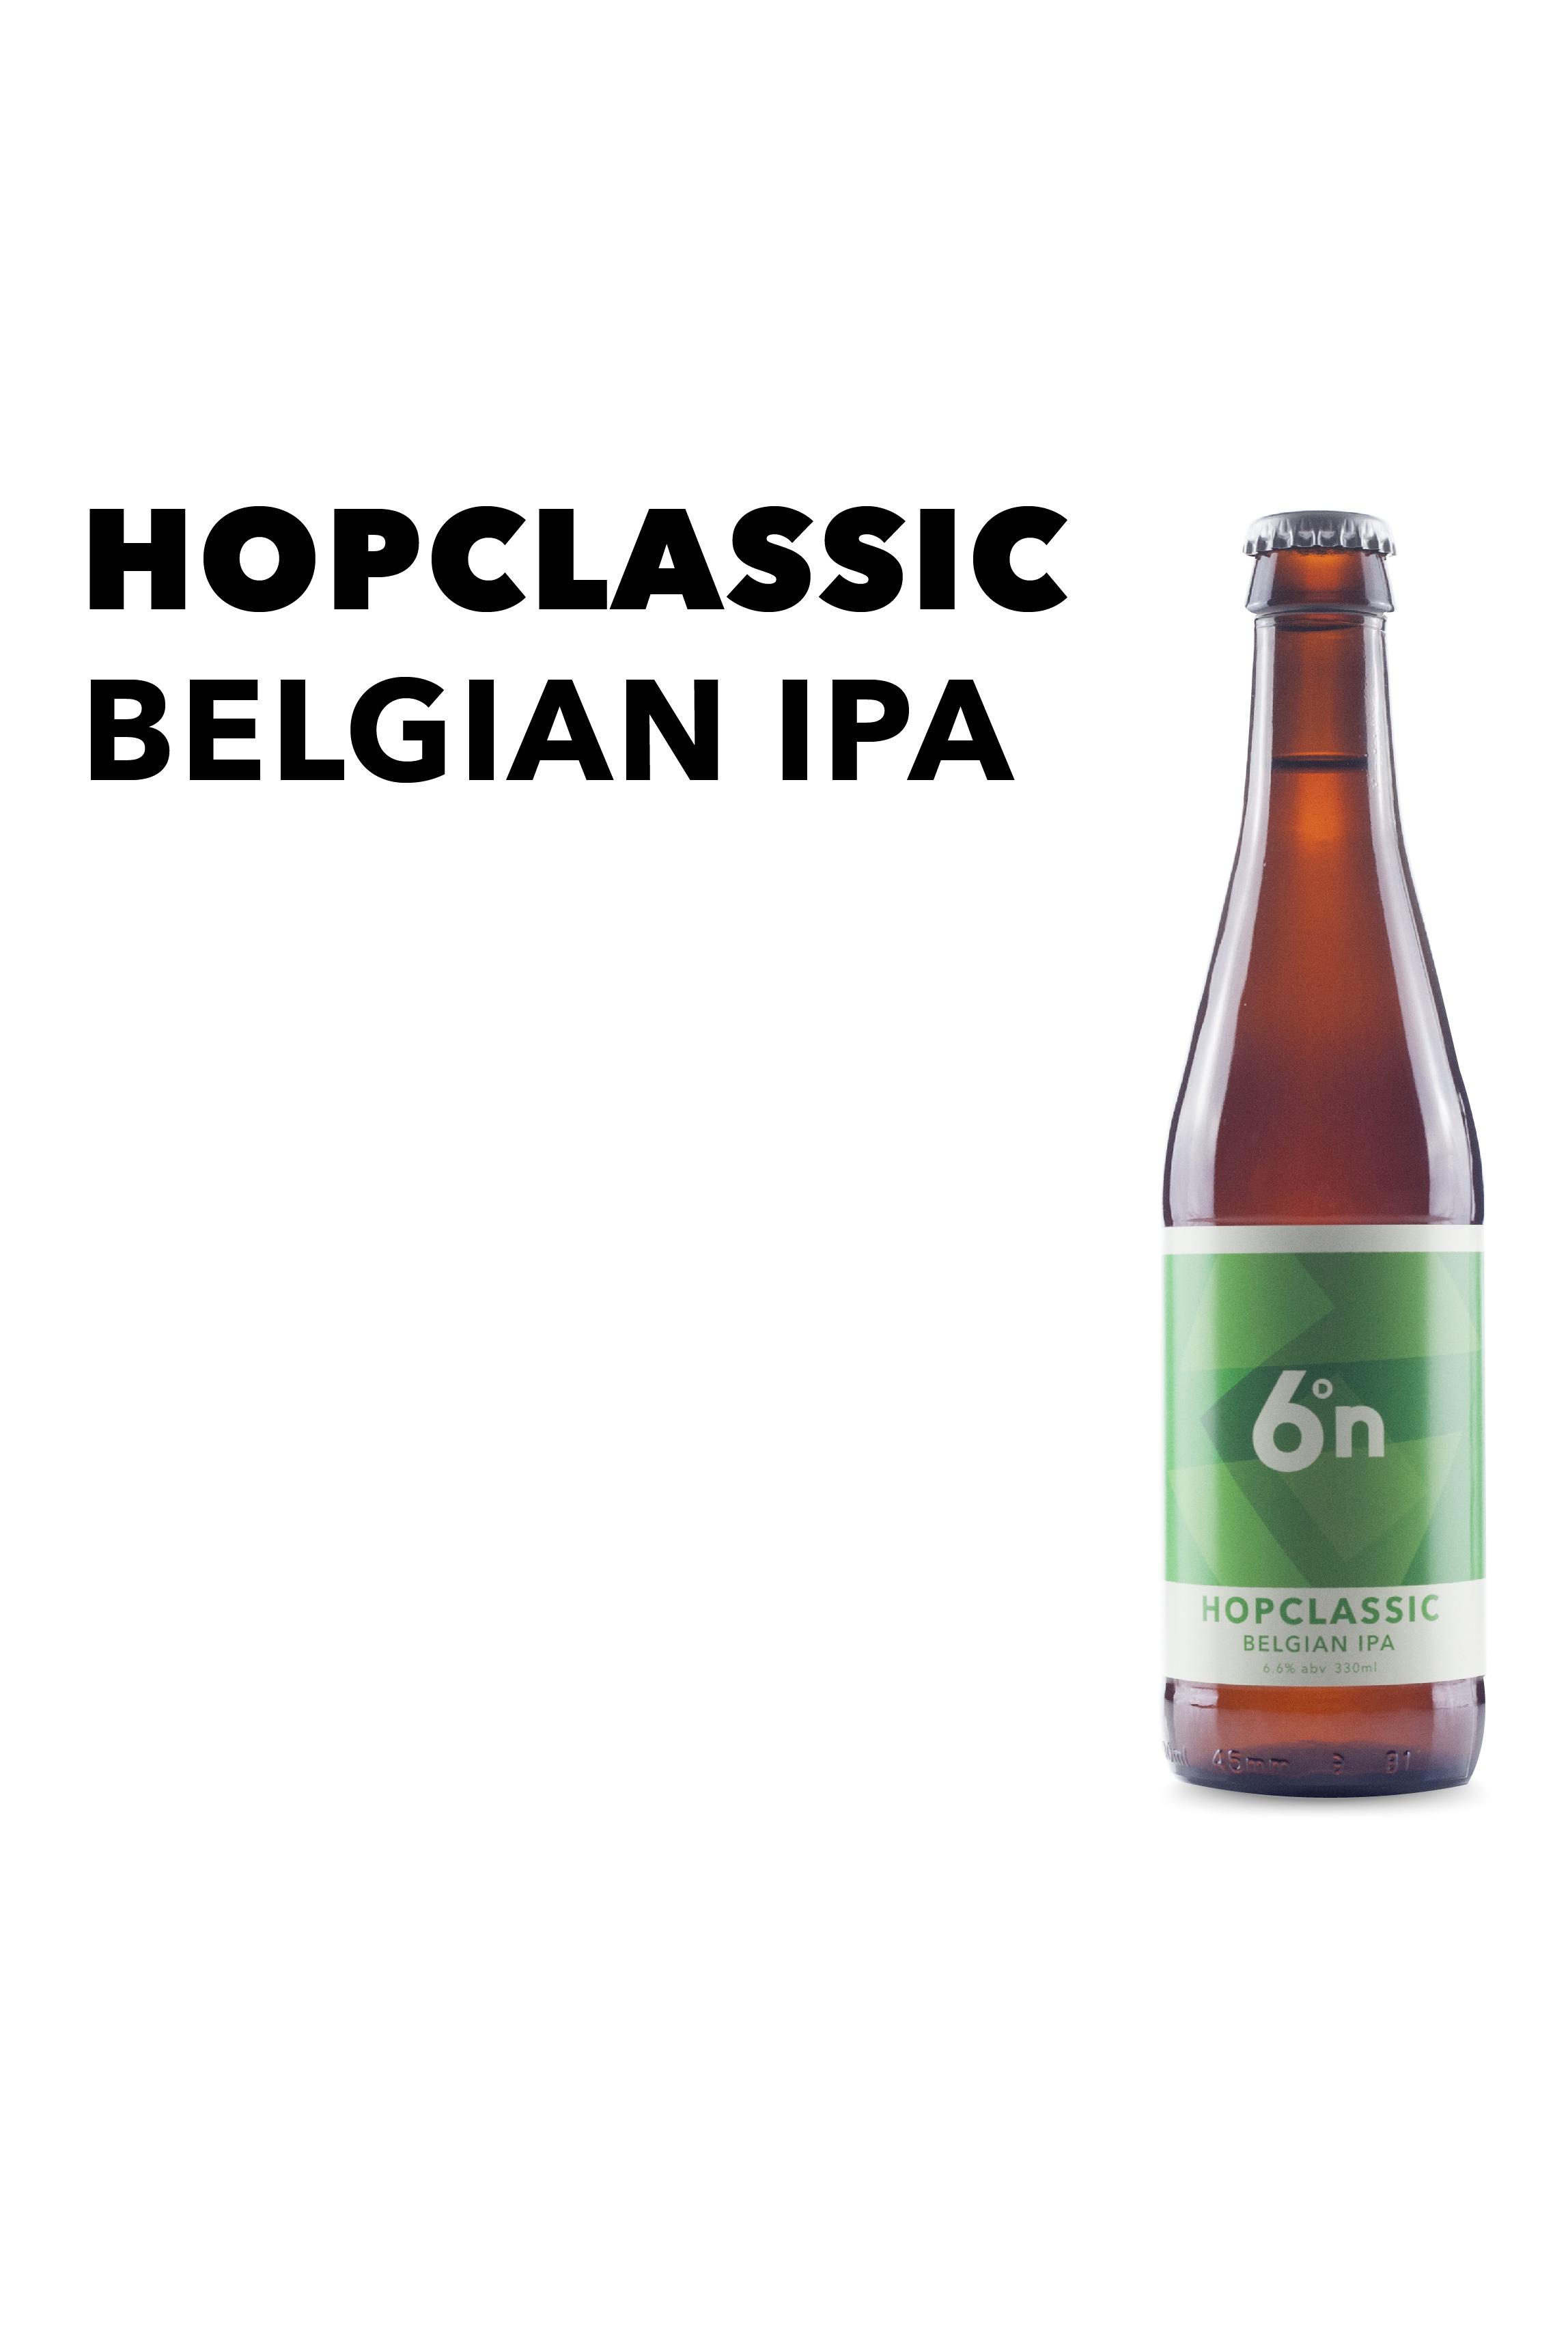 hopclassic like-01.jpg